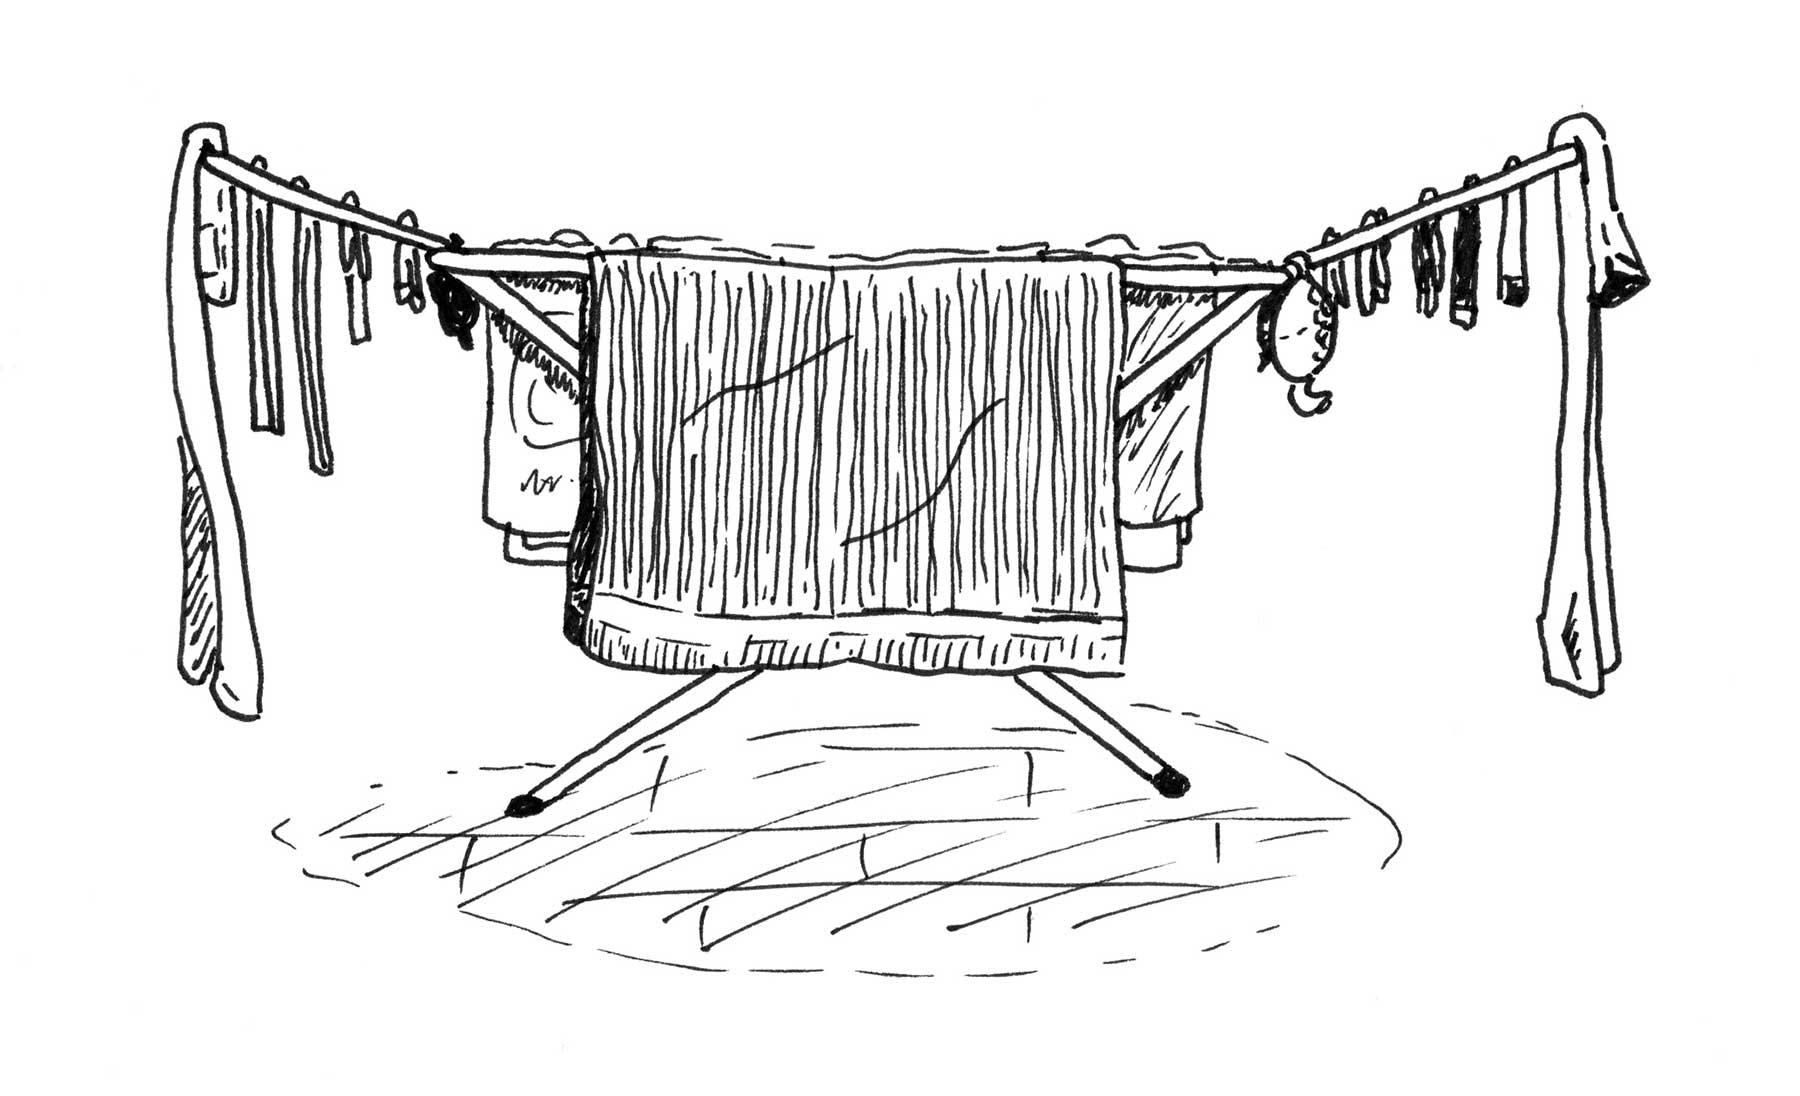 Das ist die optimale Art, einen Wäscheständer zu behängen